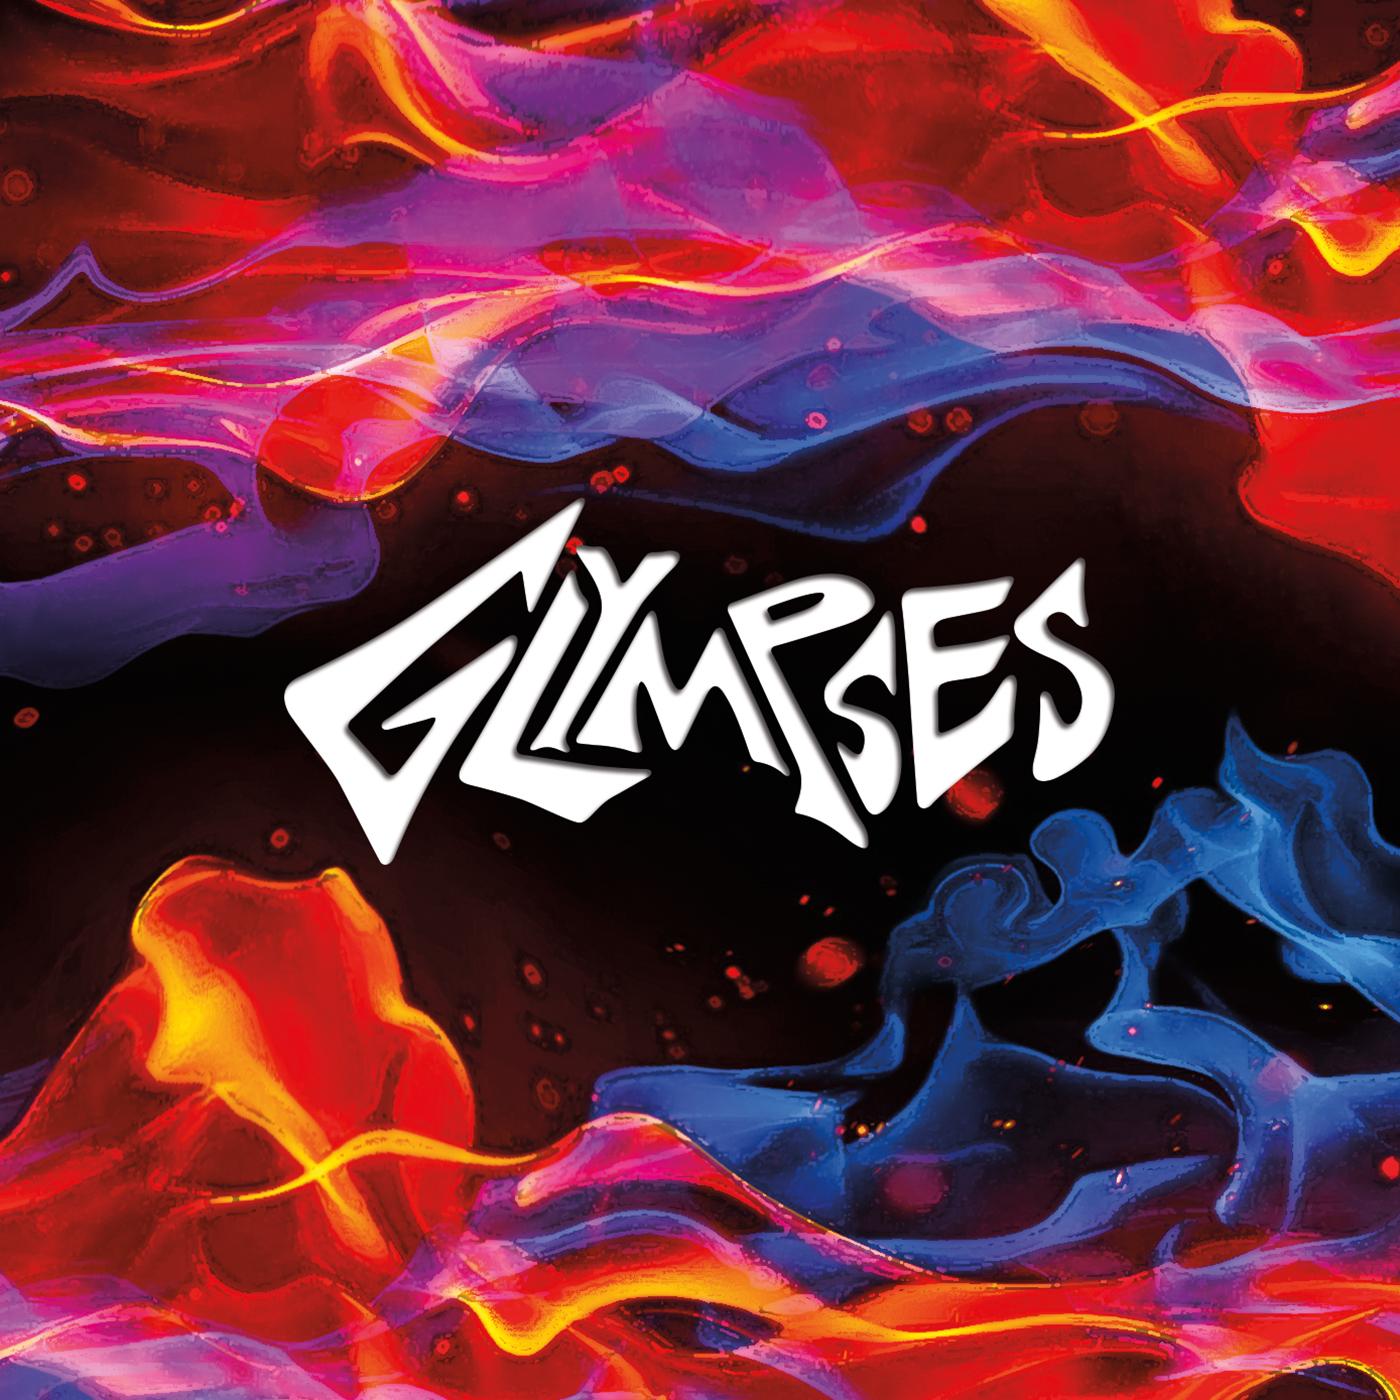 GLYMPSES COVER 1400x1400.jpg